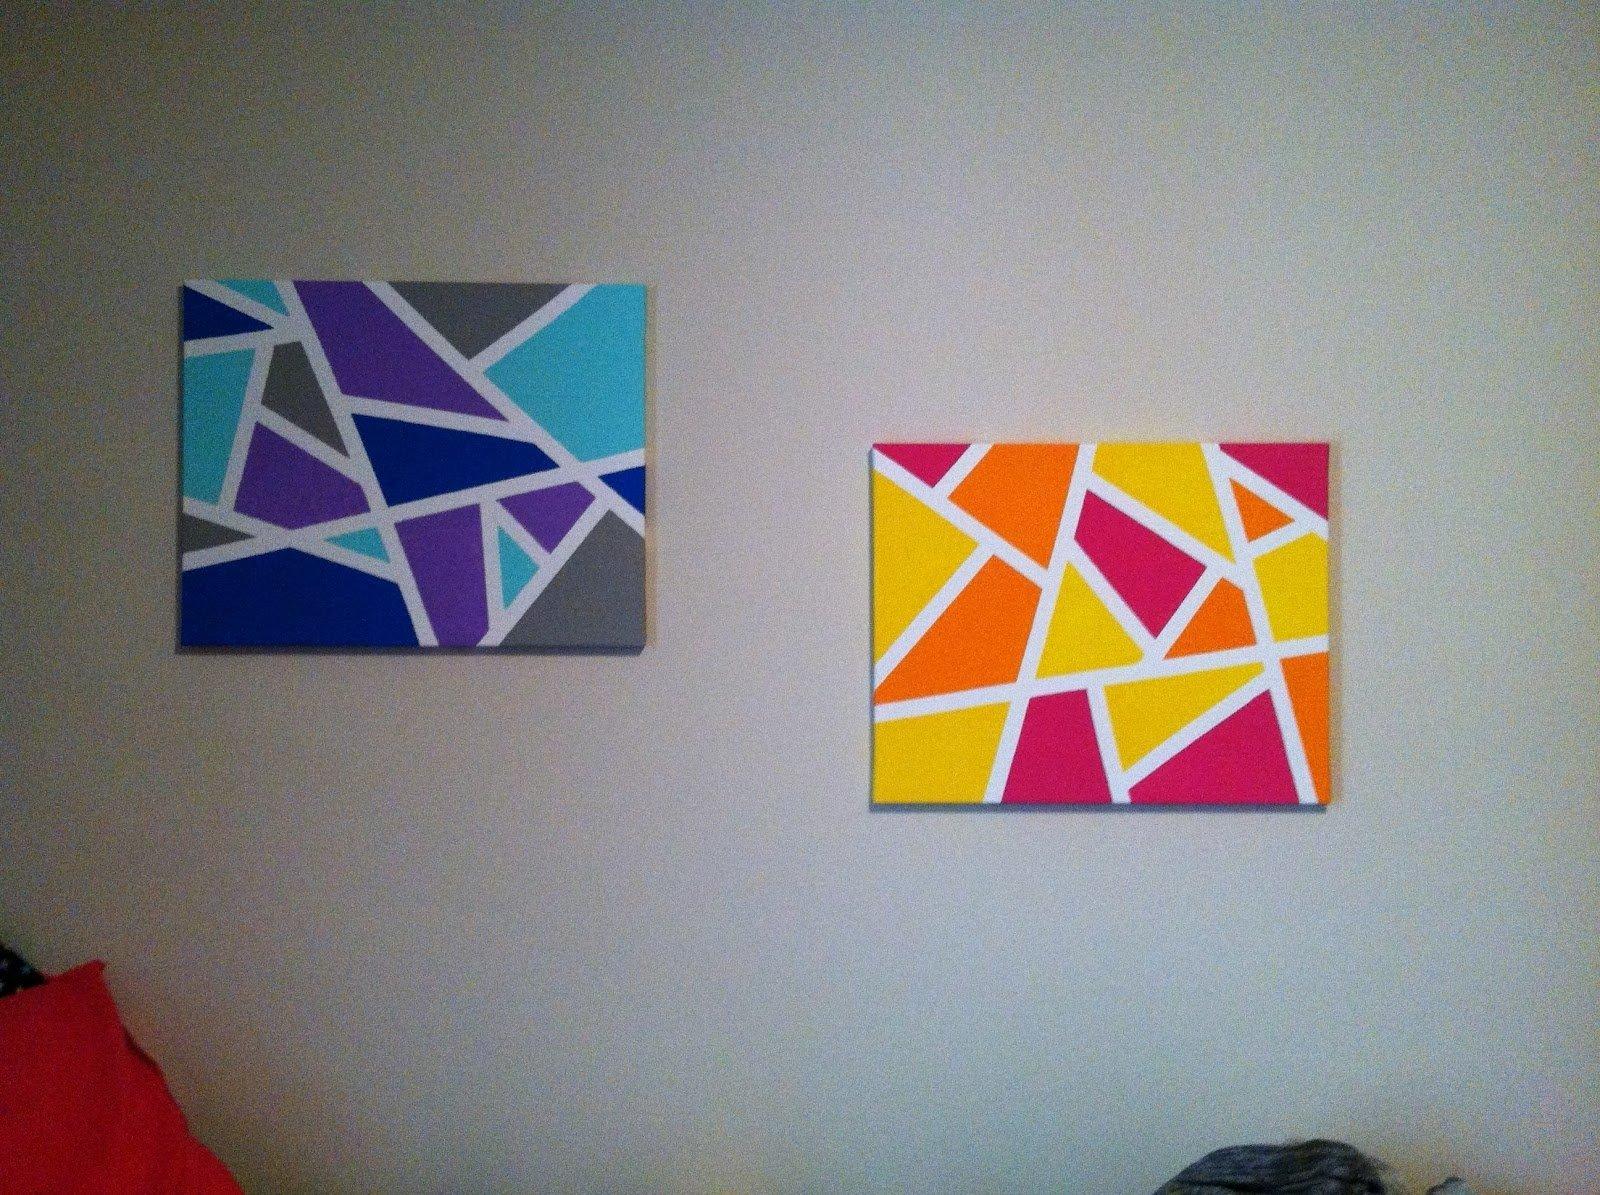 10 Stylish Easy Diy Canvas Painting Ideas creative easy diy canvas wall art ideas home art decor 74037 1 2020